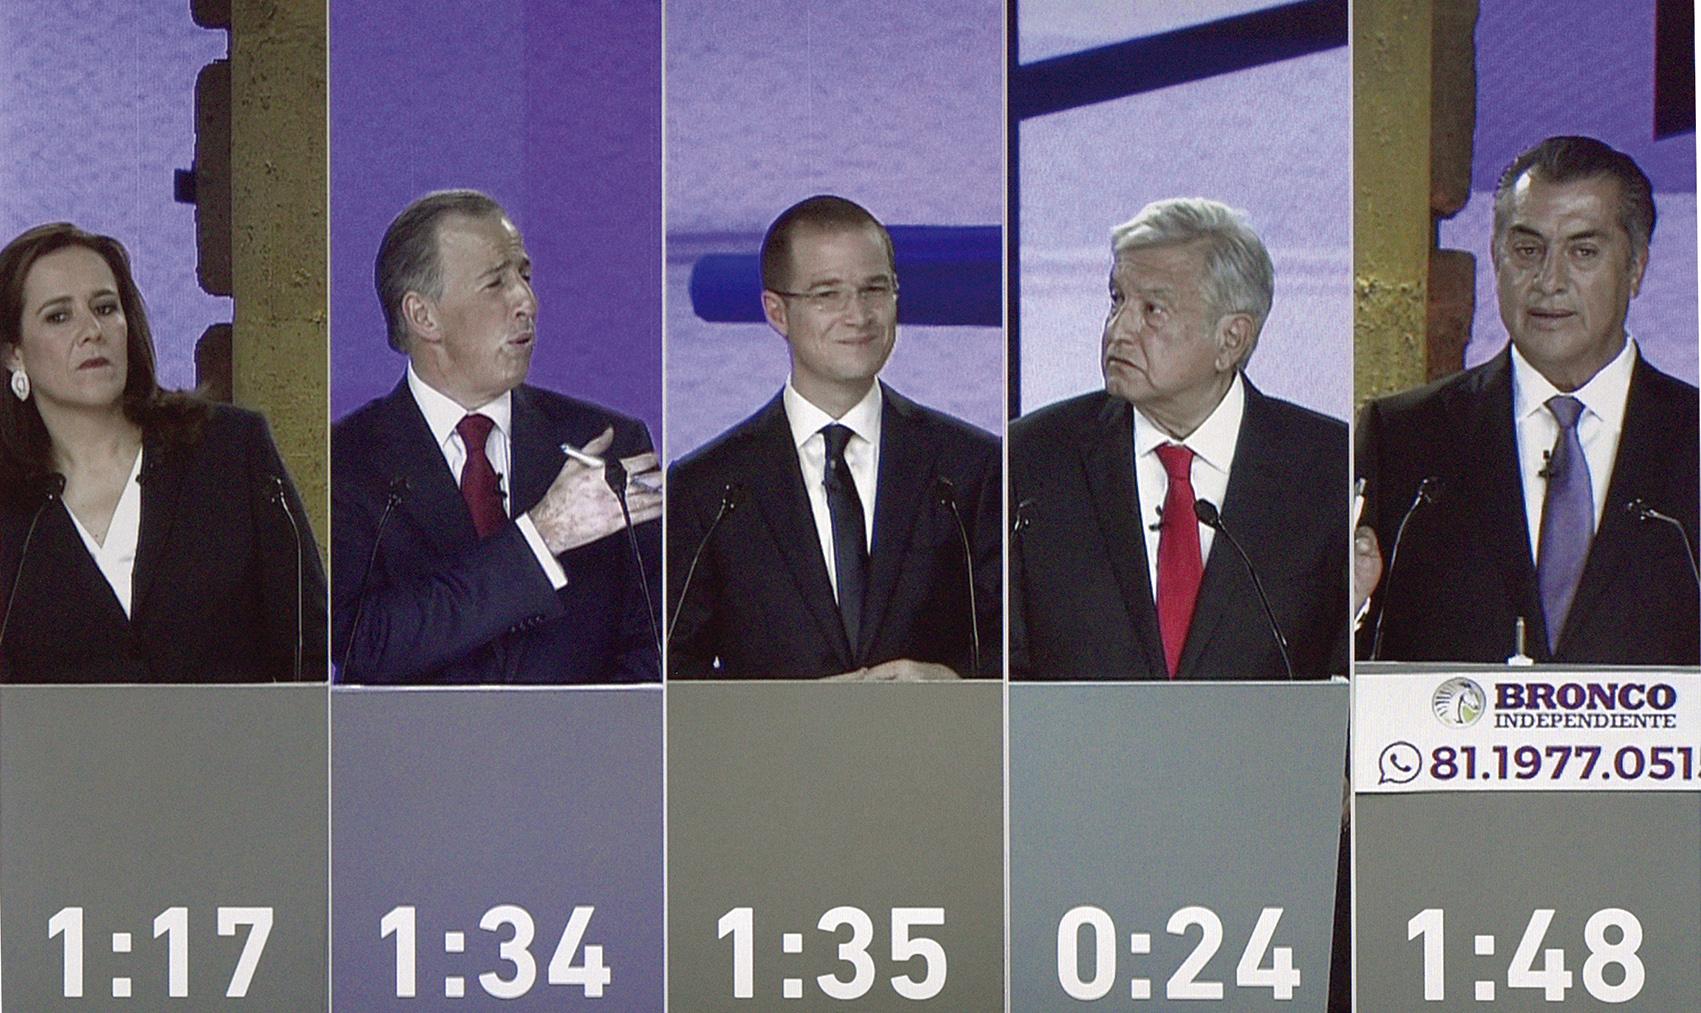 Photo of Pierde Obrador el Primer Debate ante una enorme audiencia mundial y empieza su caída en las encuestas